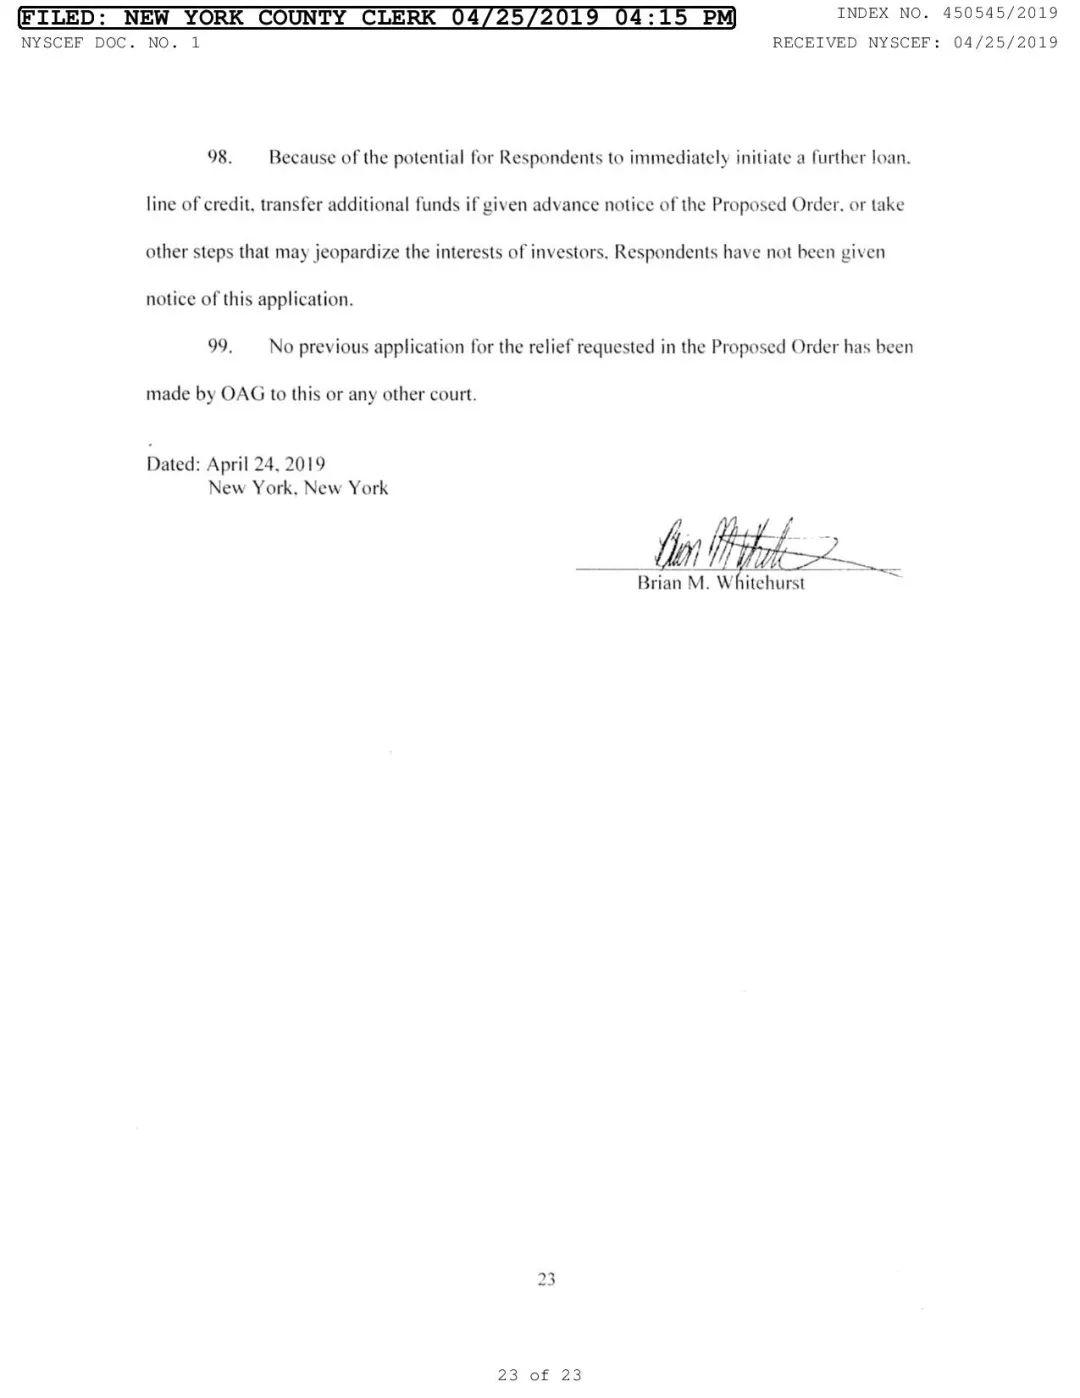 全面还原Bitfinex、Tether被诉:4项重大违规、9亿美元存疑 (附23页诉讼书)